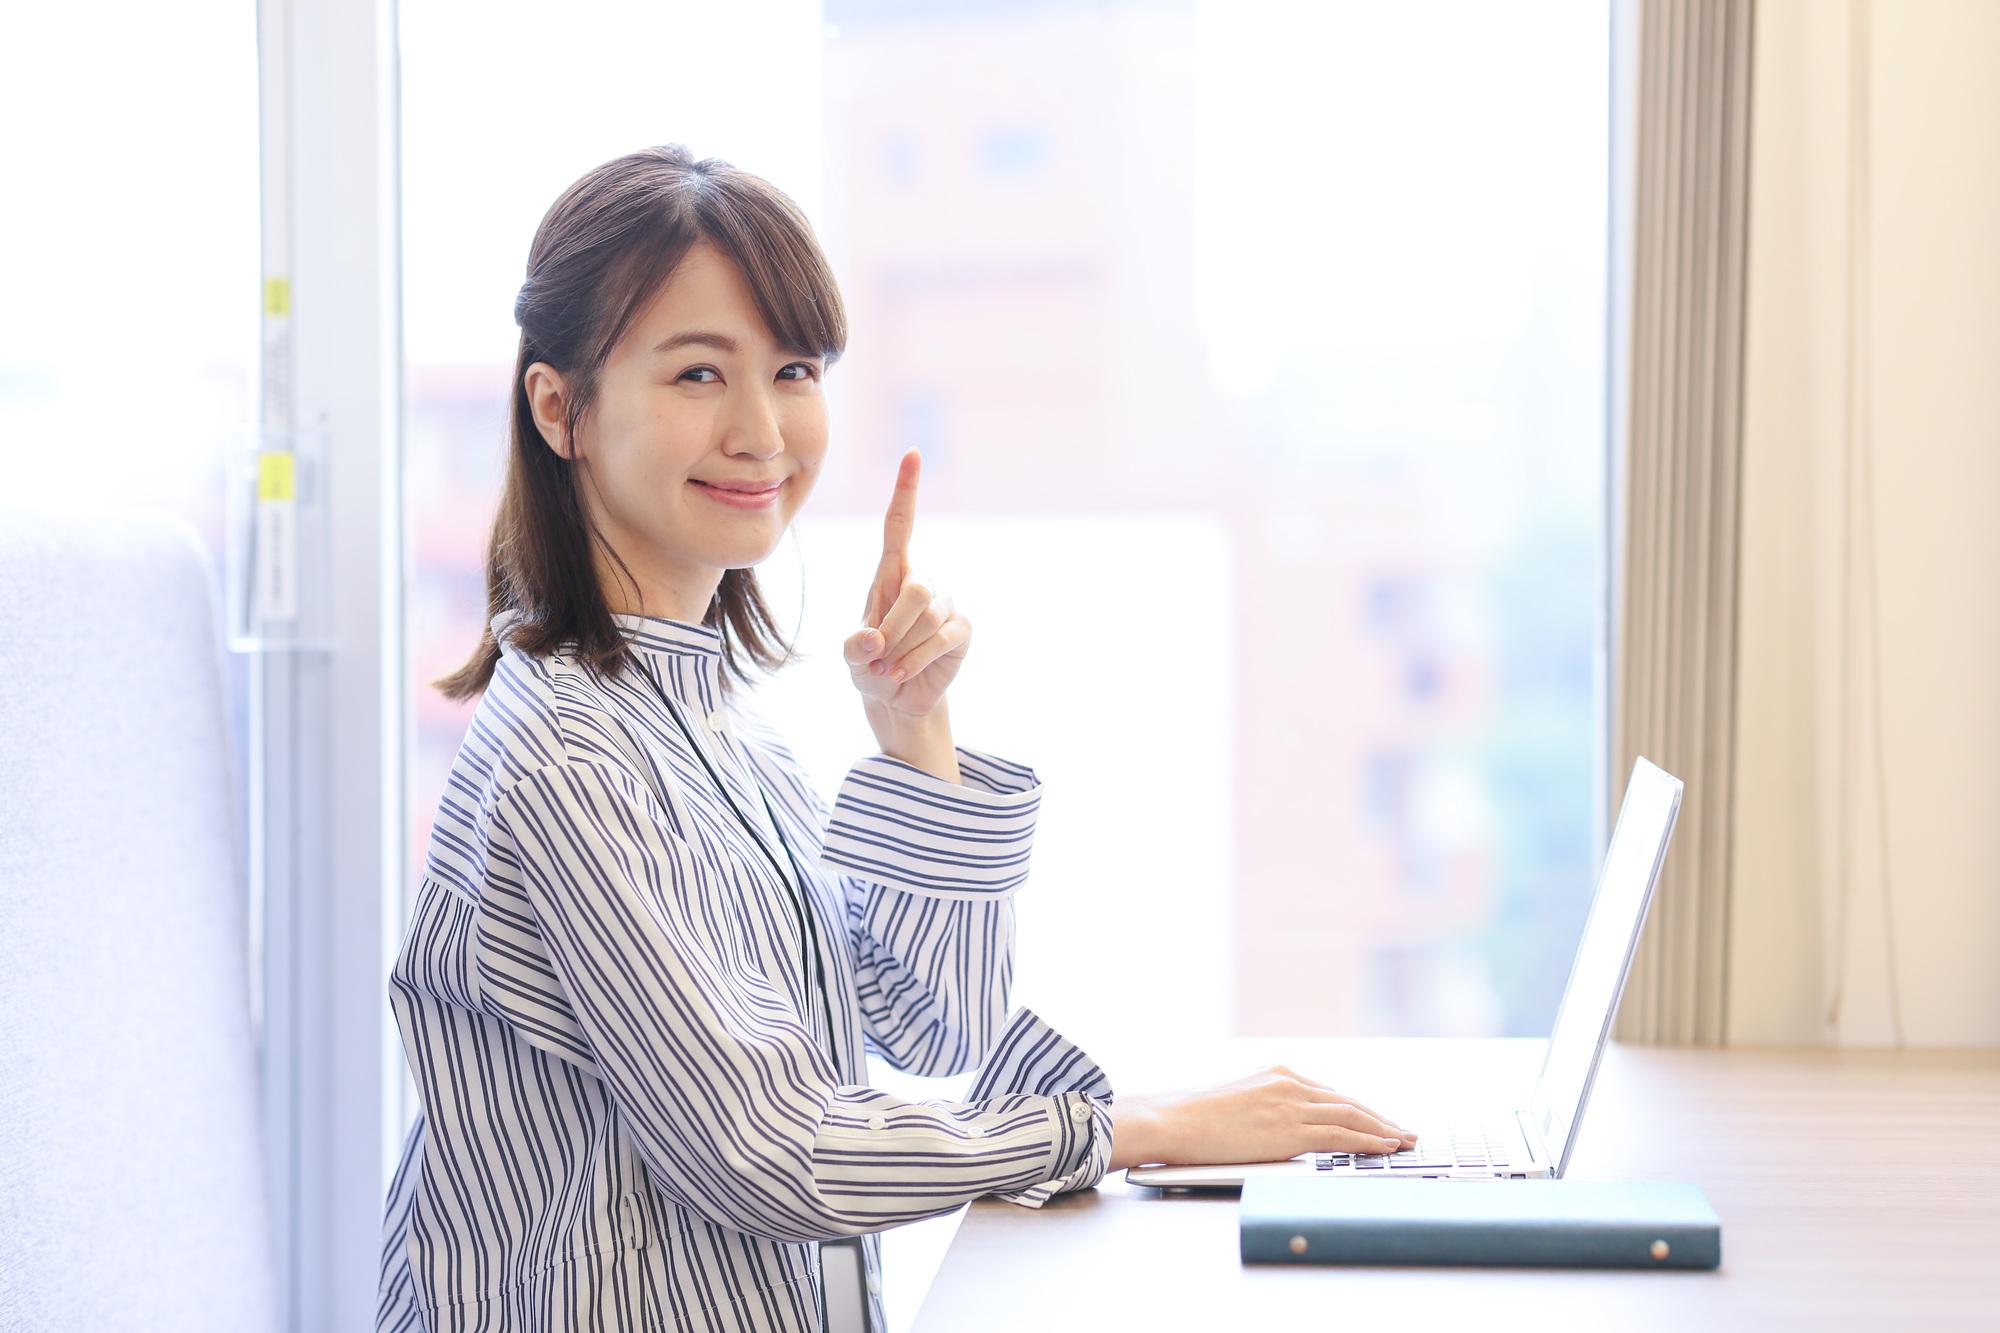 若い女性 パソコン